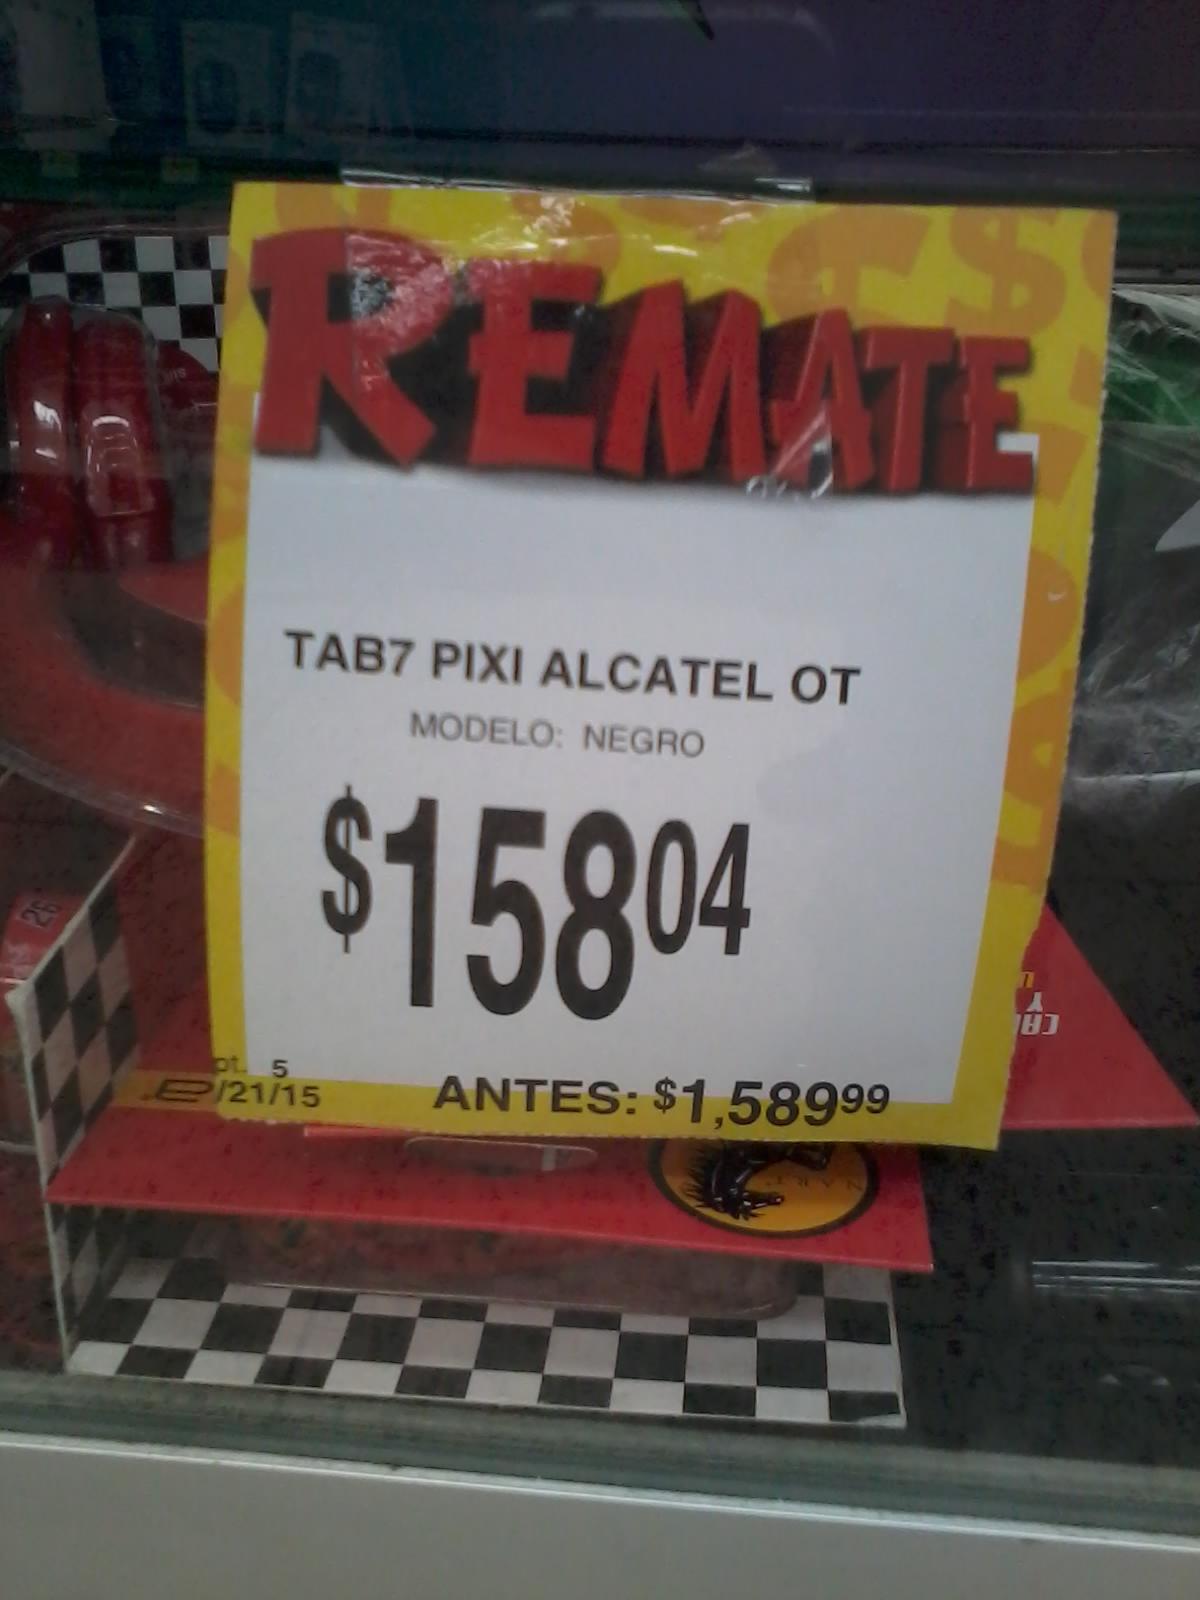 Bodega Aurrerá: tablet pixi alcatel negra $158.04